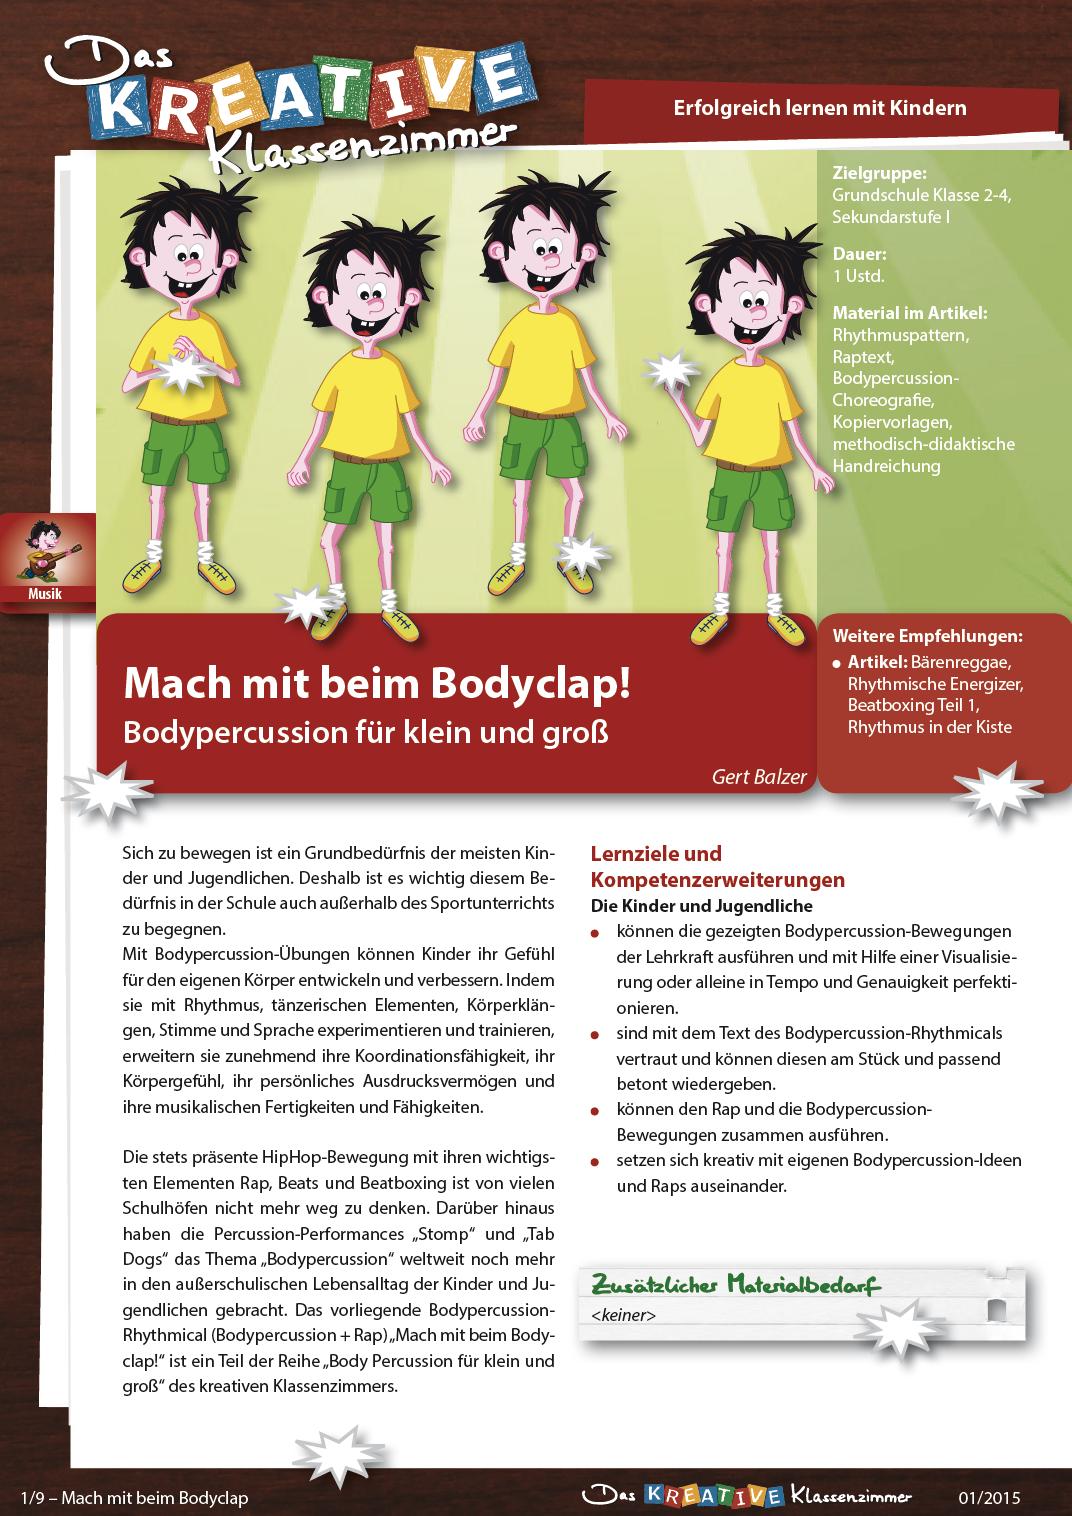 Mach mit beim Bodyclap - Bodypercussion